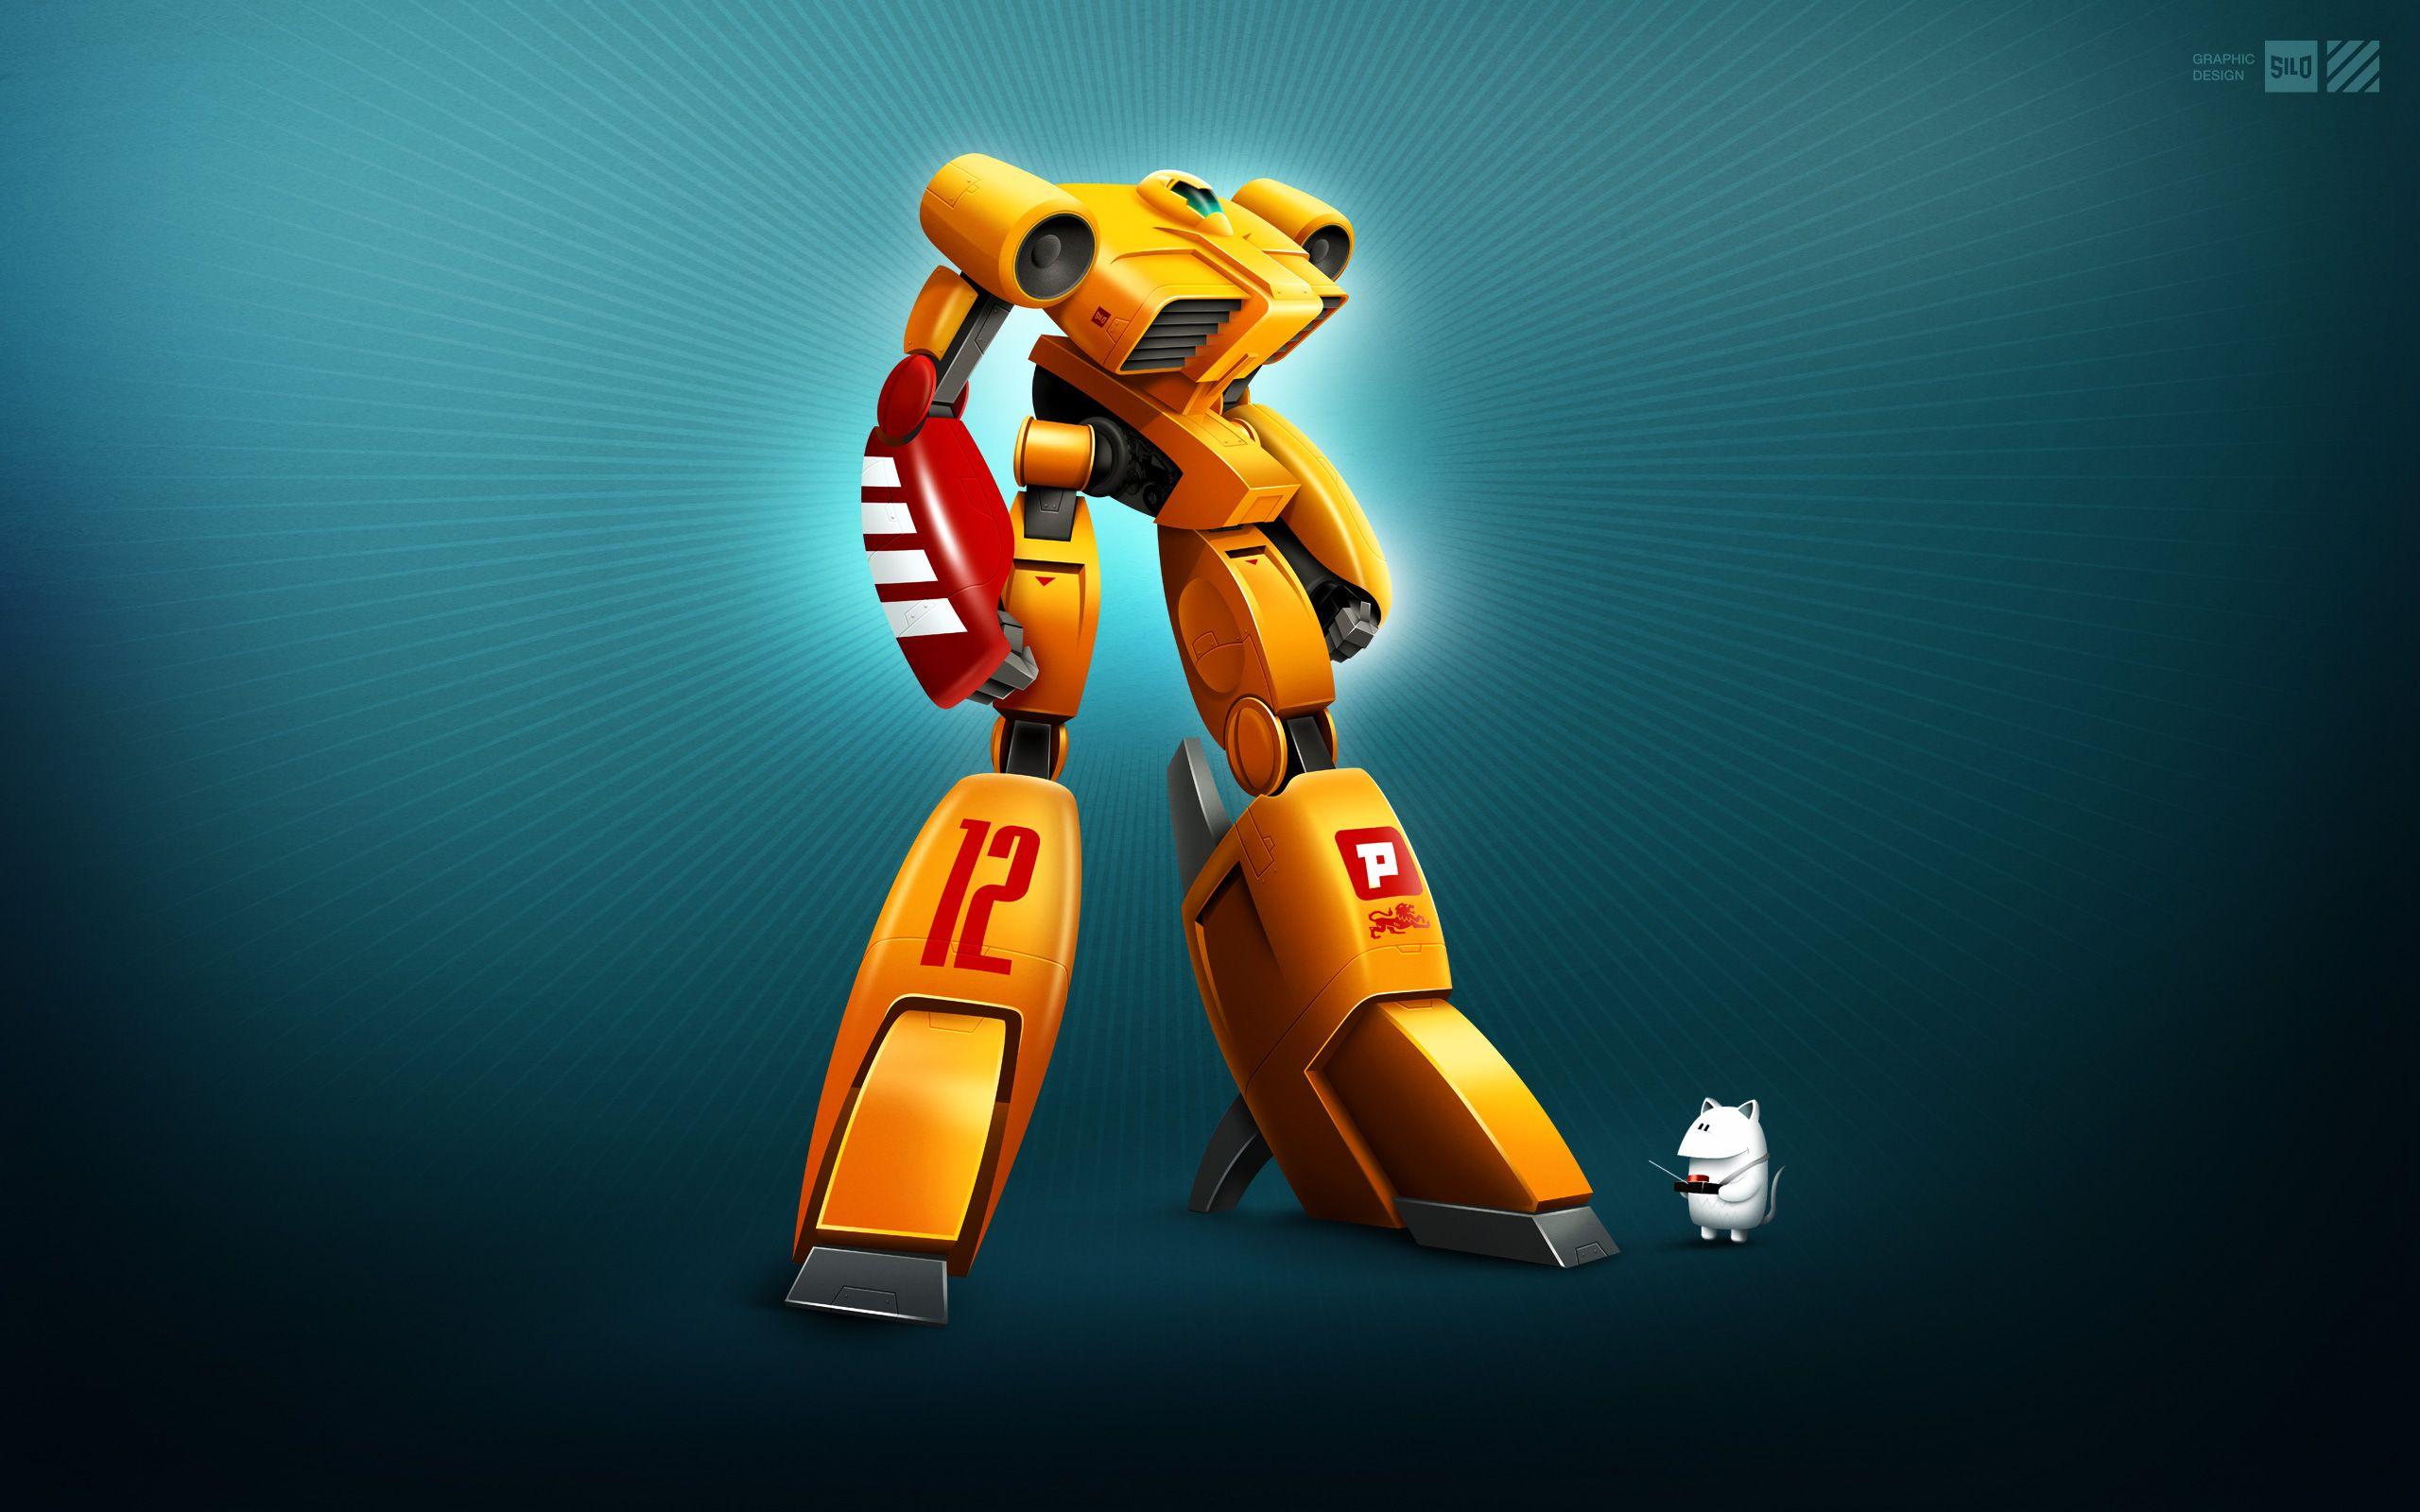 Yellow Robot Hd Wallpaper For Desktop Robot Background Hd Backgrounds Robot